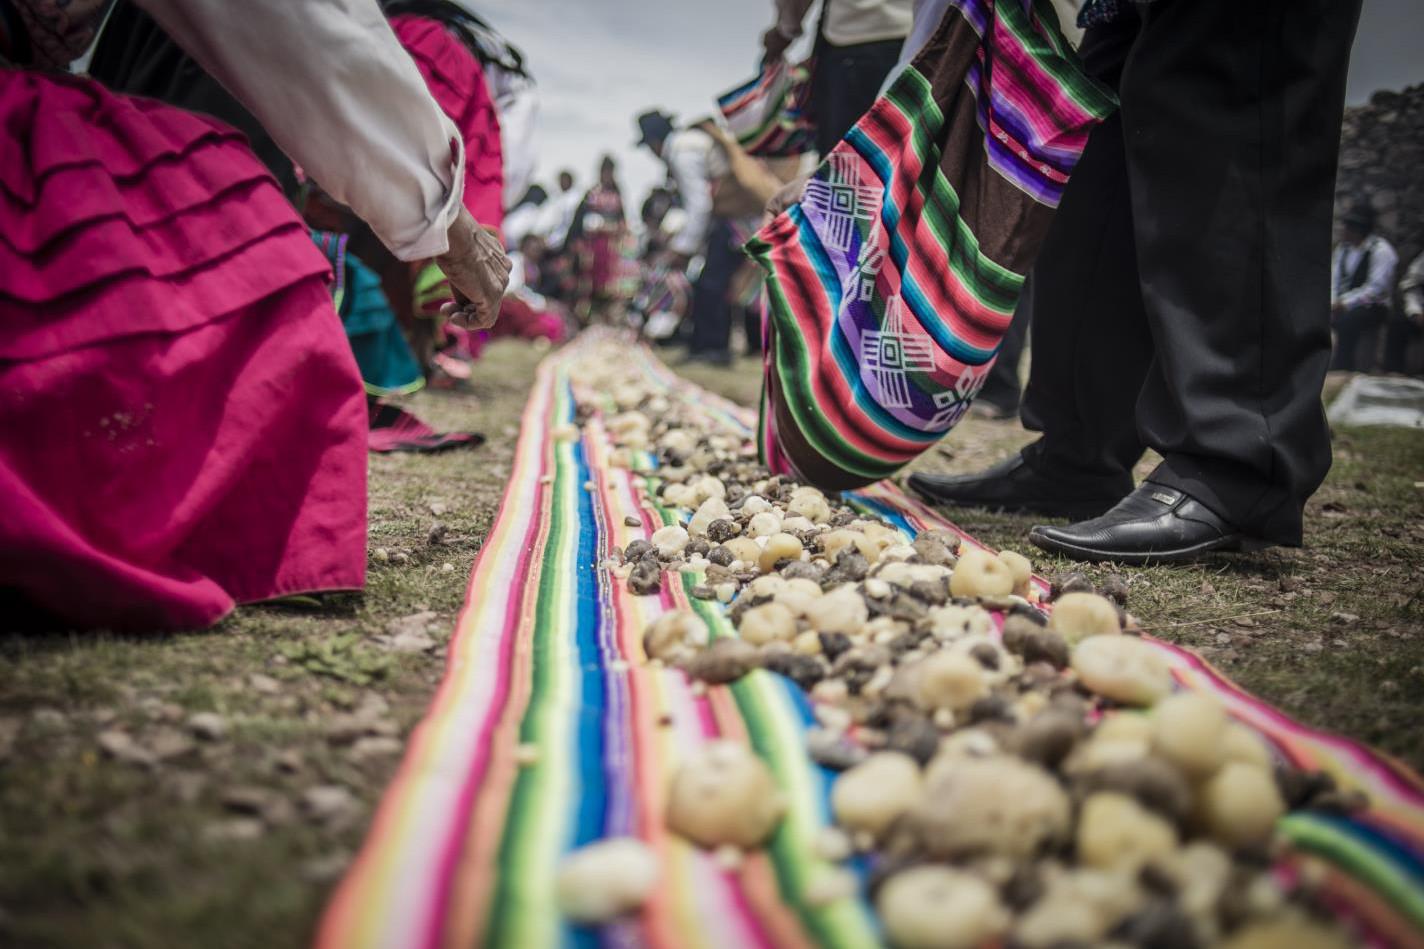 Sirviendo cocawi-Uriel Alexis Montúfar Butrón-Peru